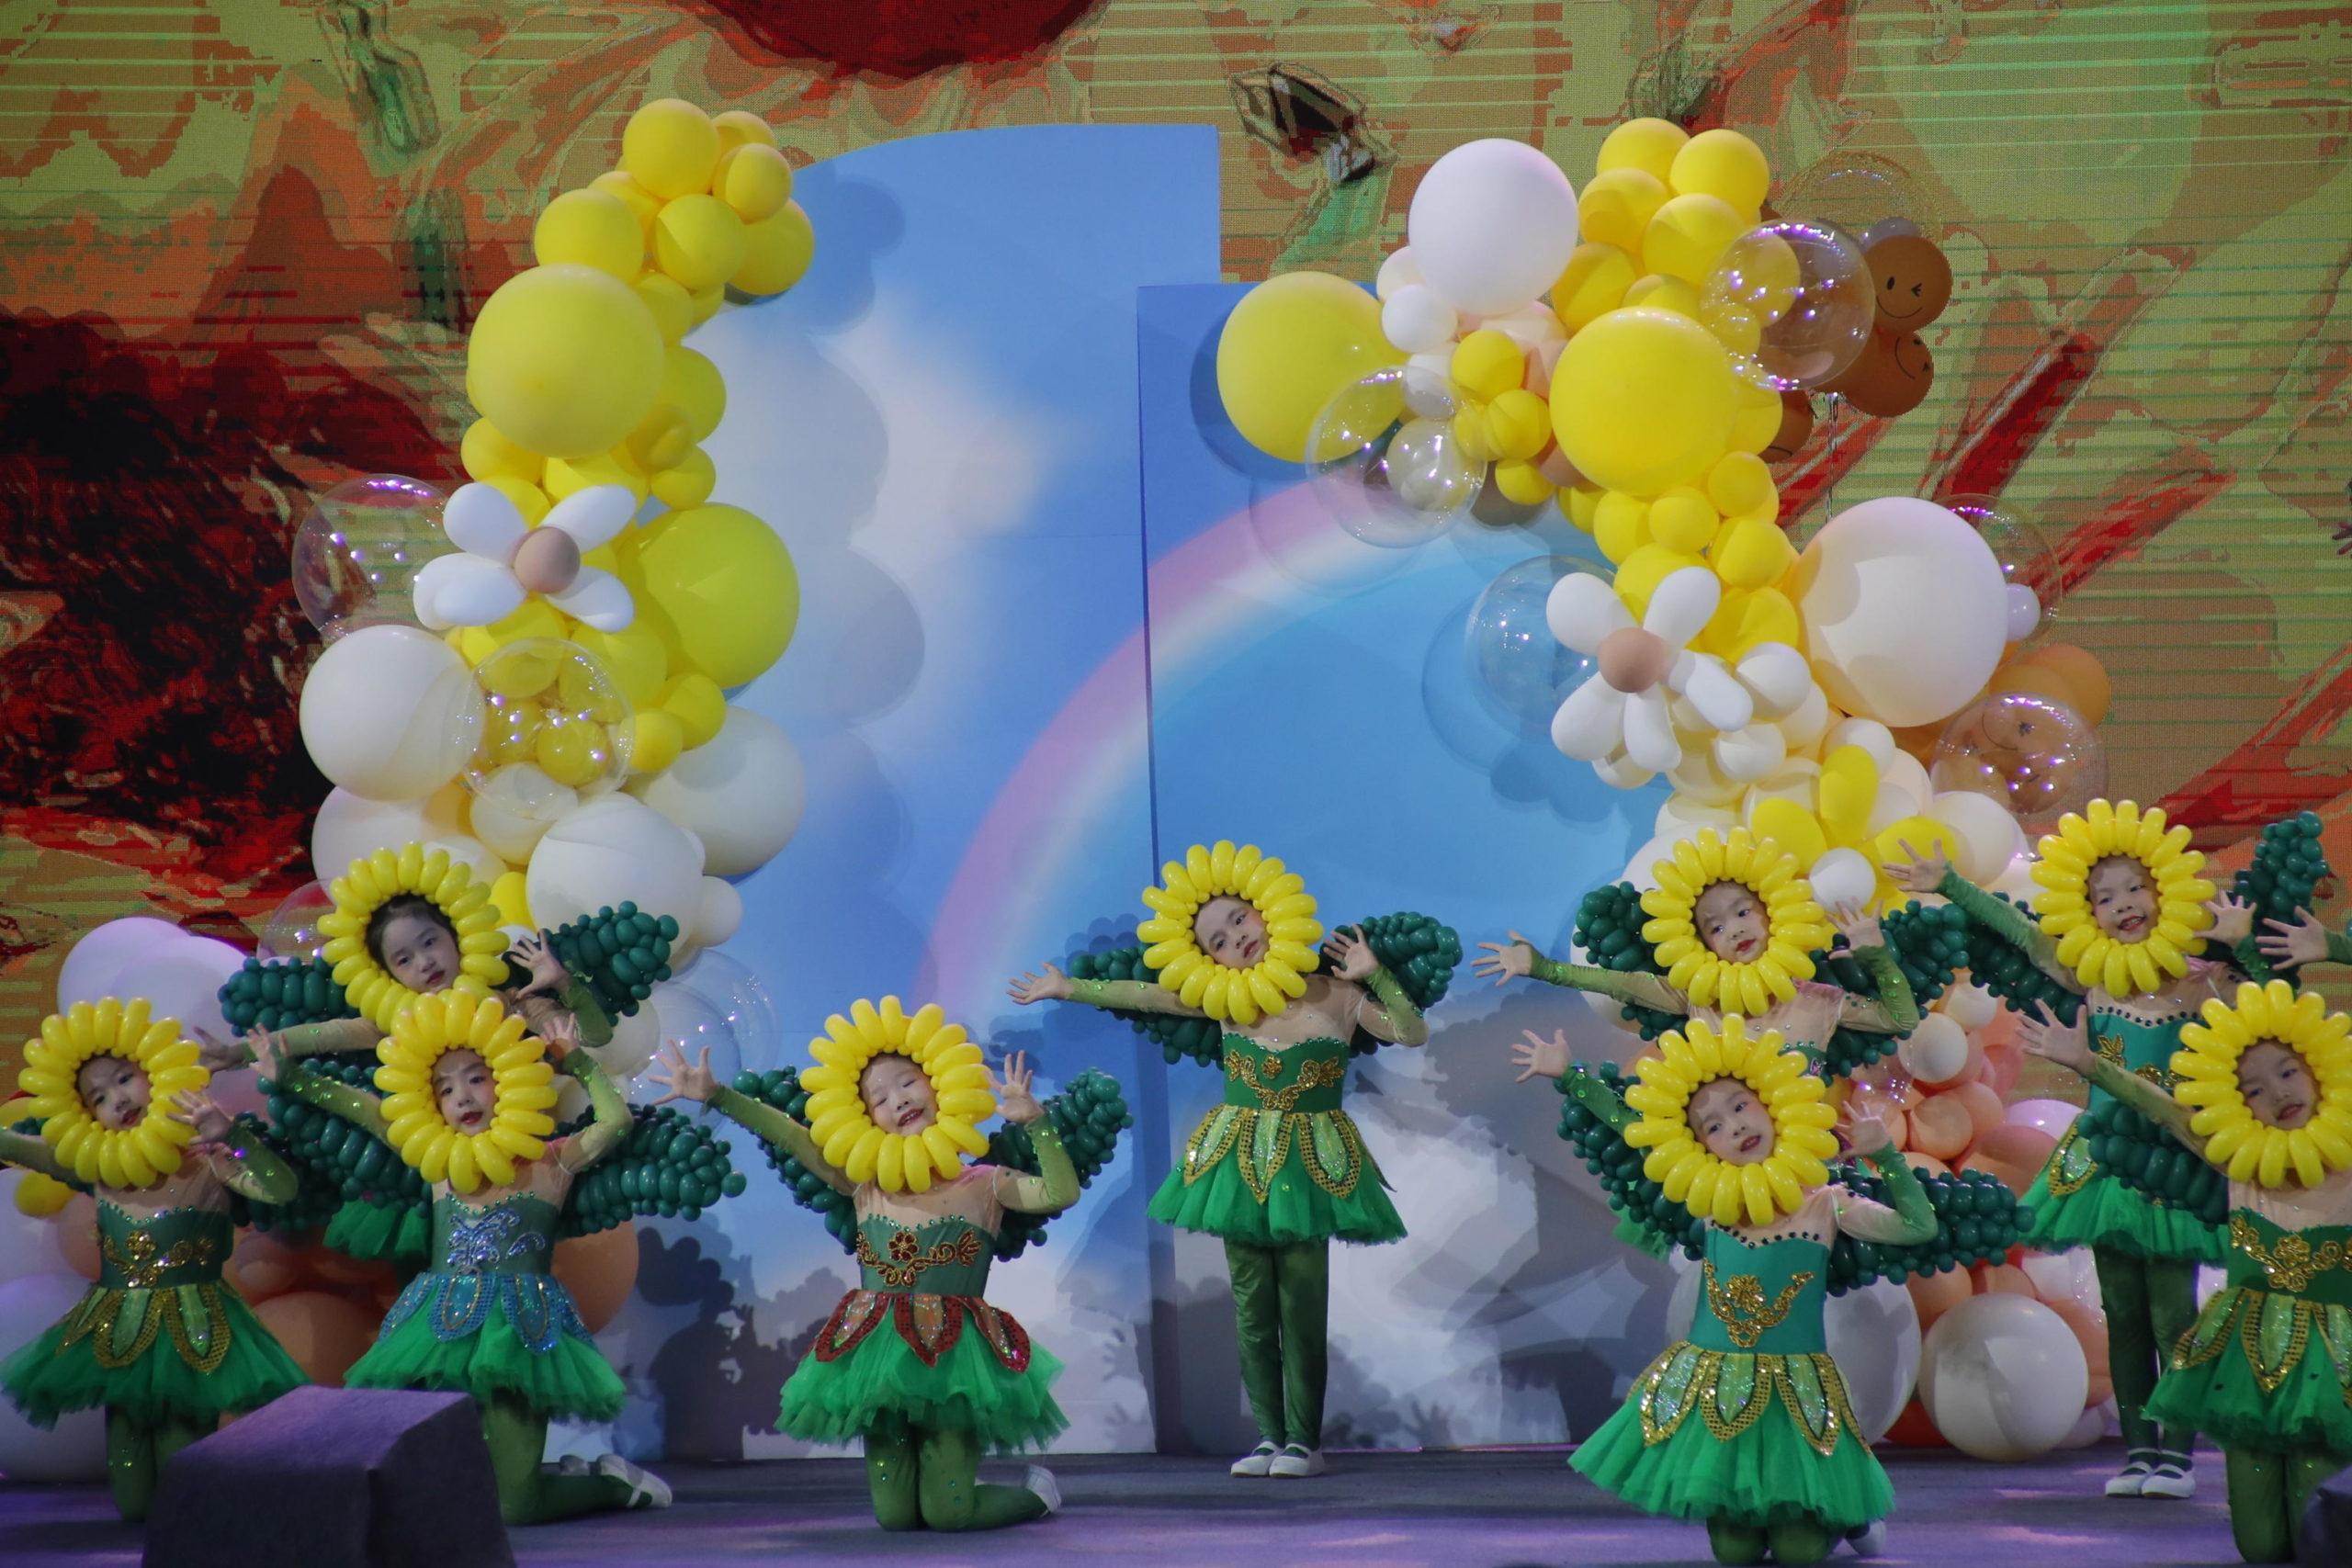 Bambini mascherati nel lancio delle Olimpiadi e Paralimpiadi invernali 2022 a Pechino